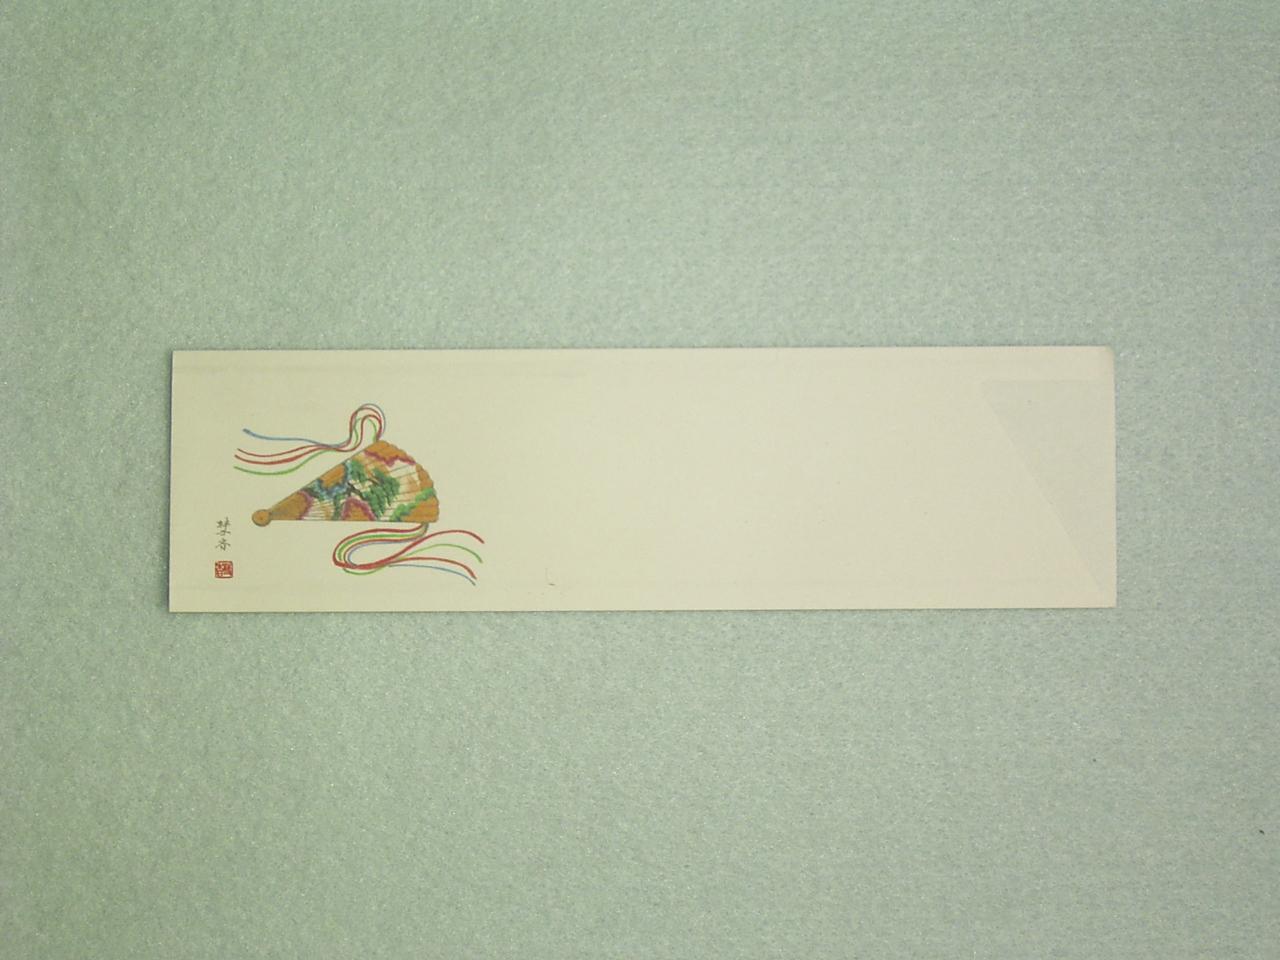 マルチカラー箸袋 既製柄名入印刷 No.1絵扇 ハカマサイズ 10,000枚